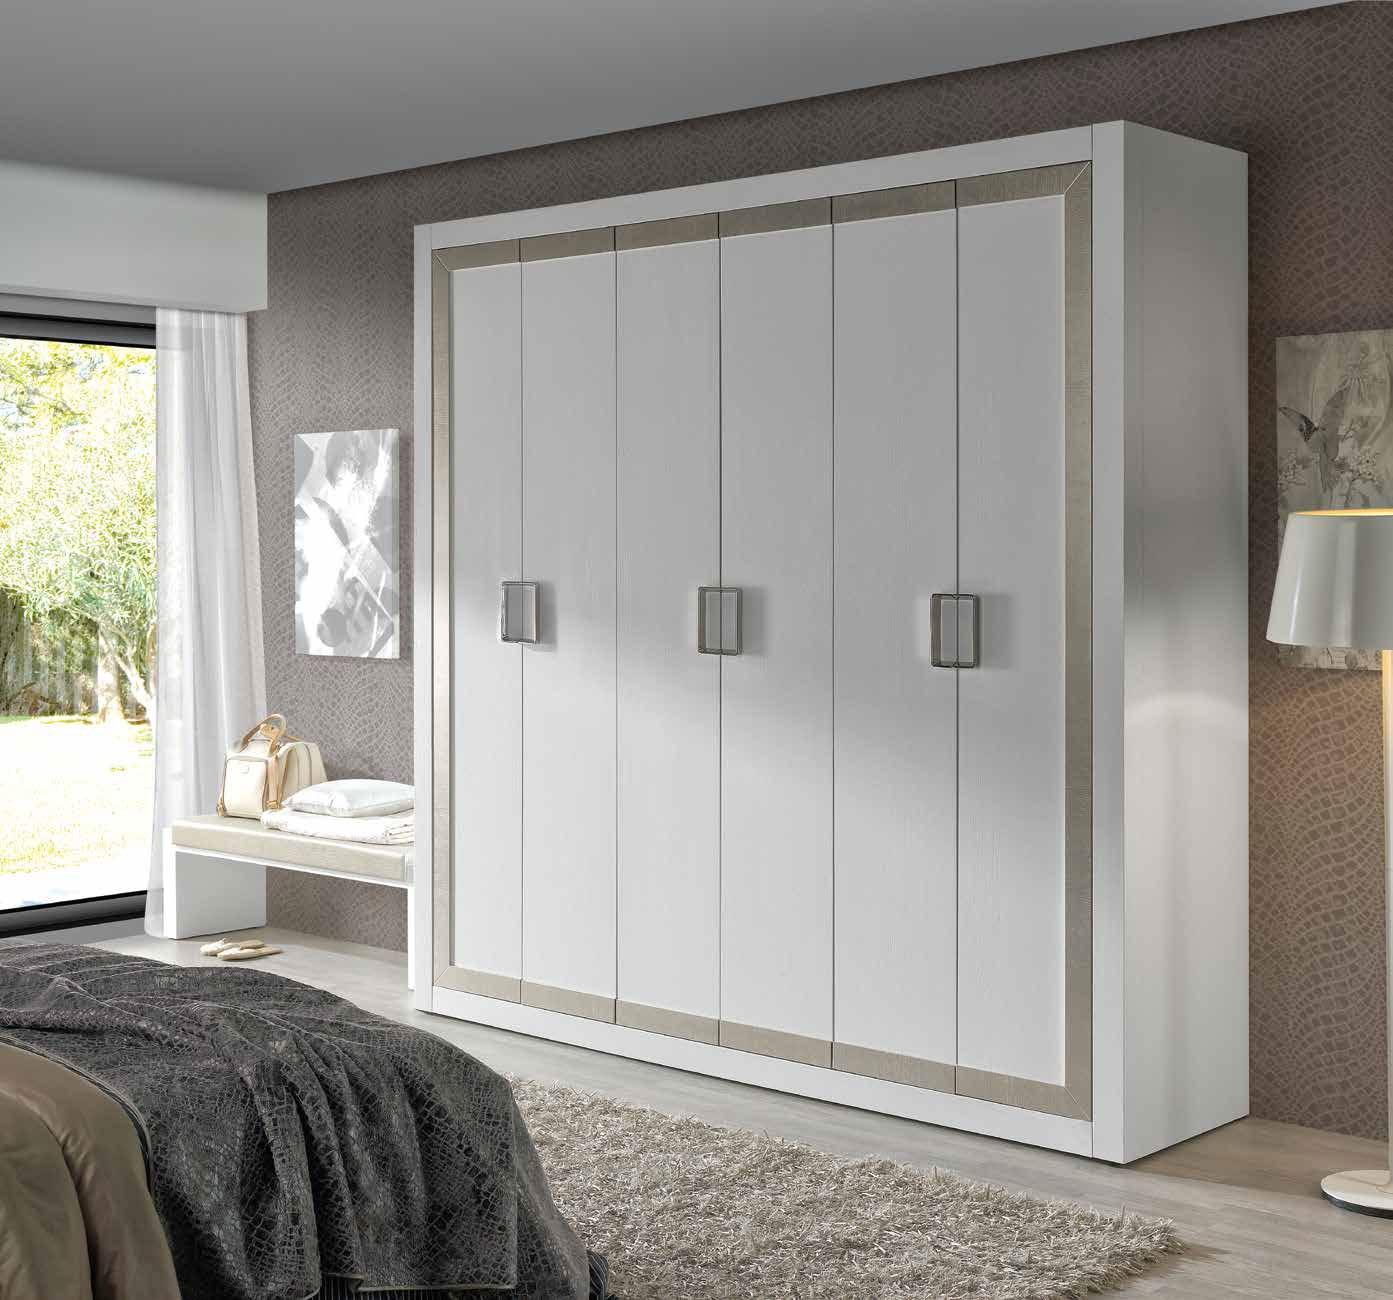 touch-dormitorio-eden-08-armario